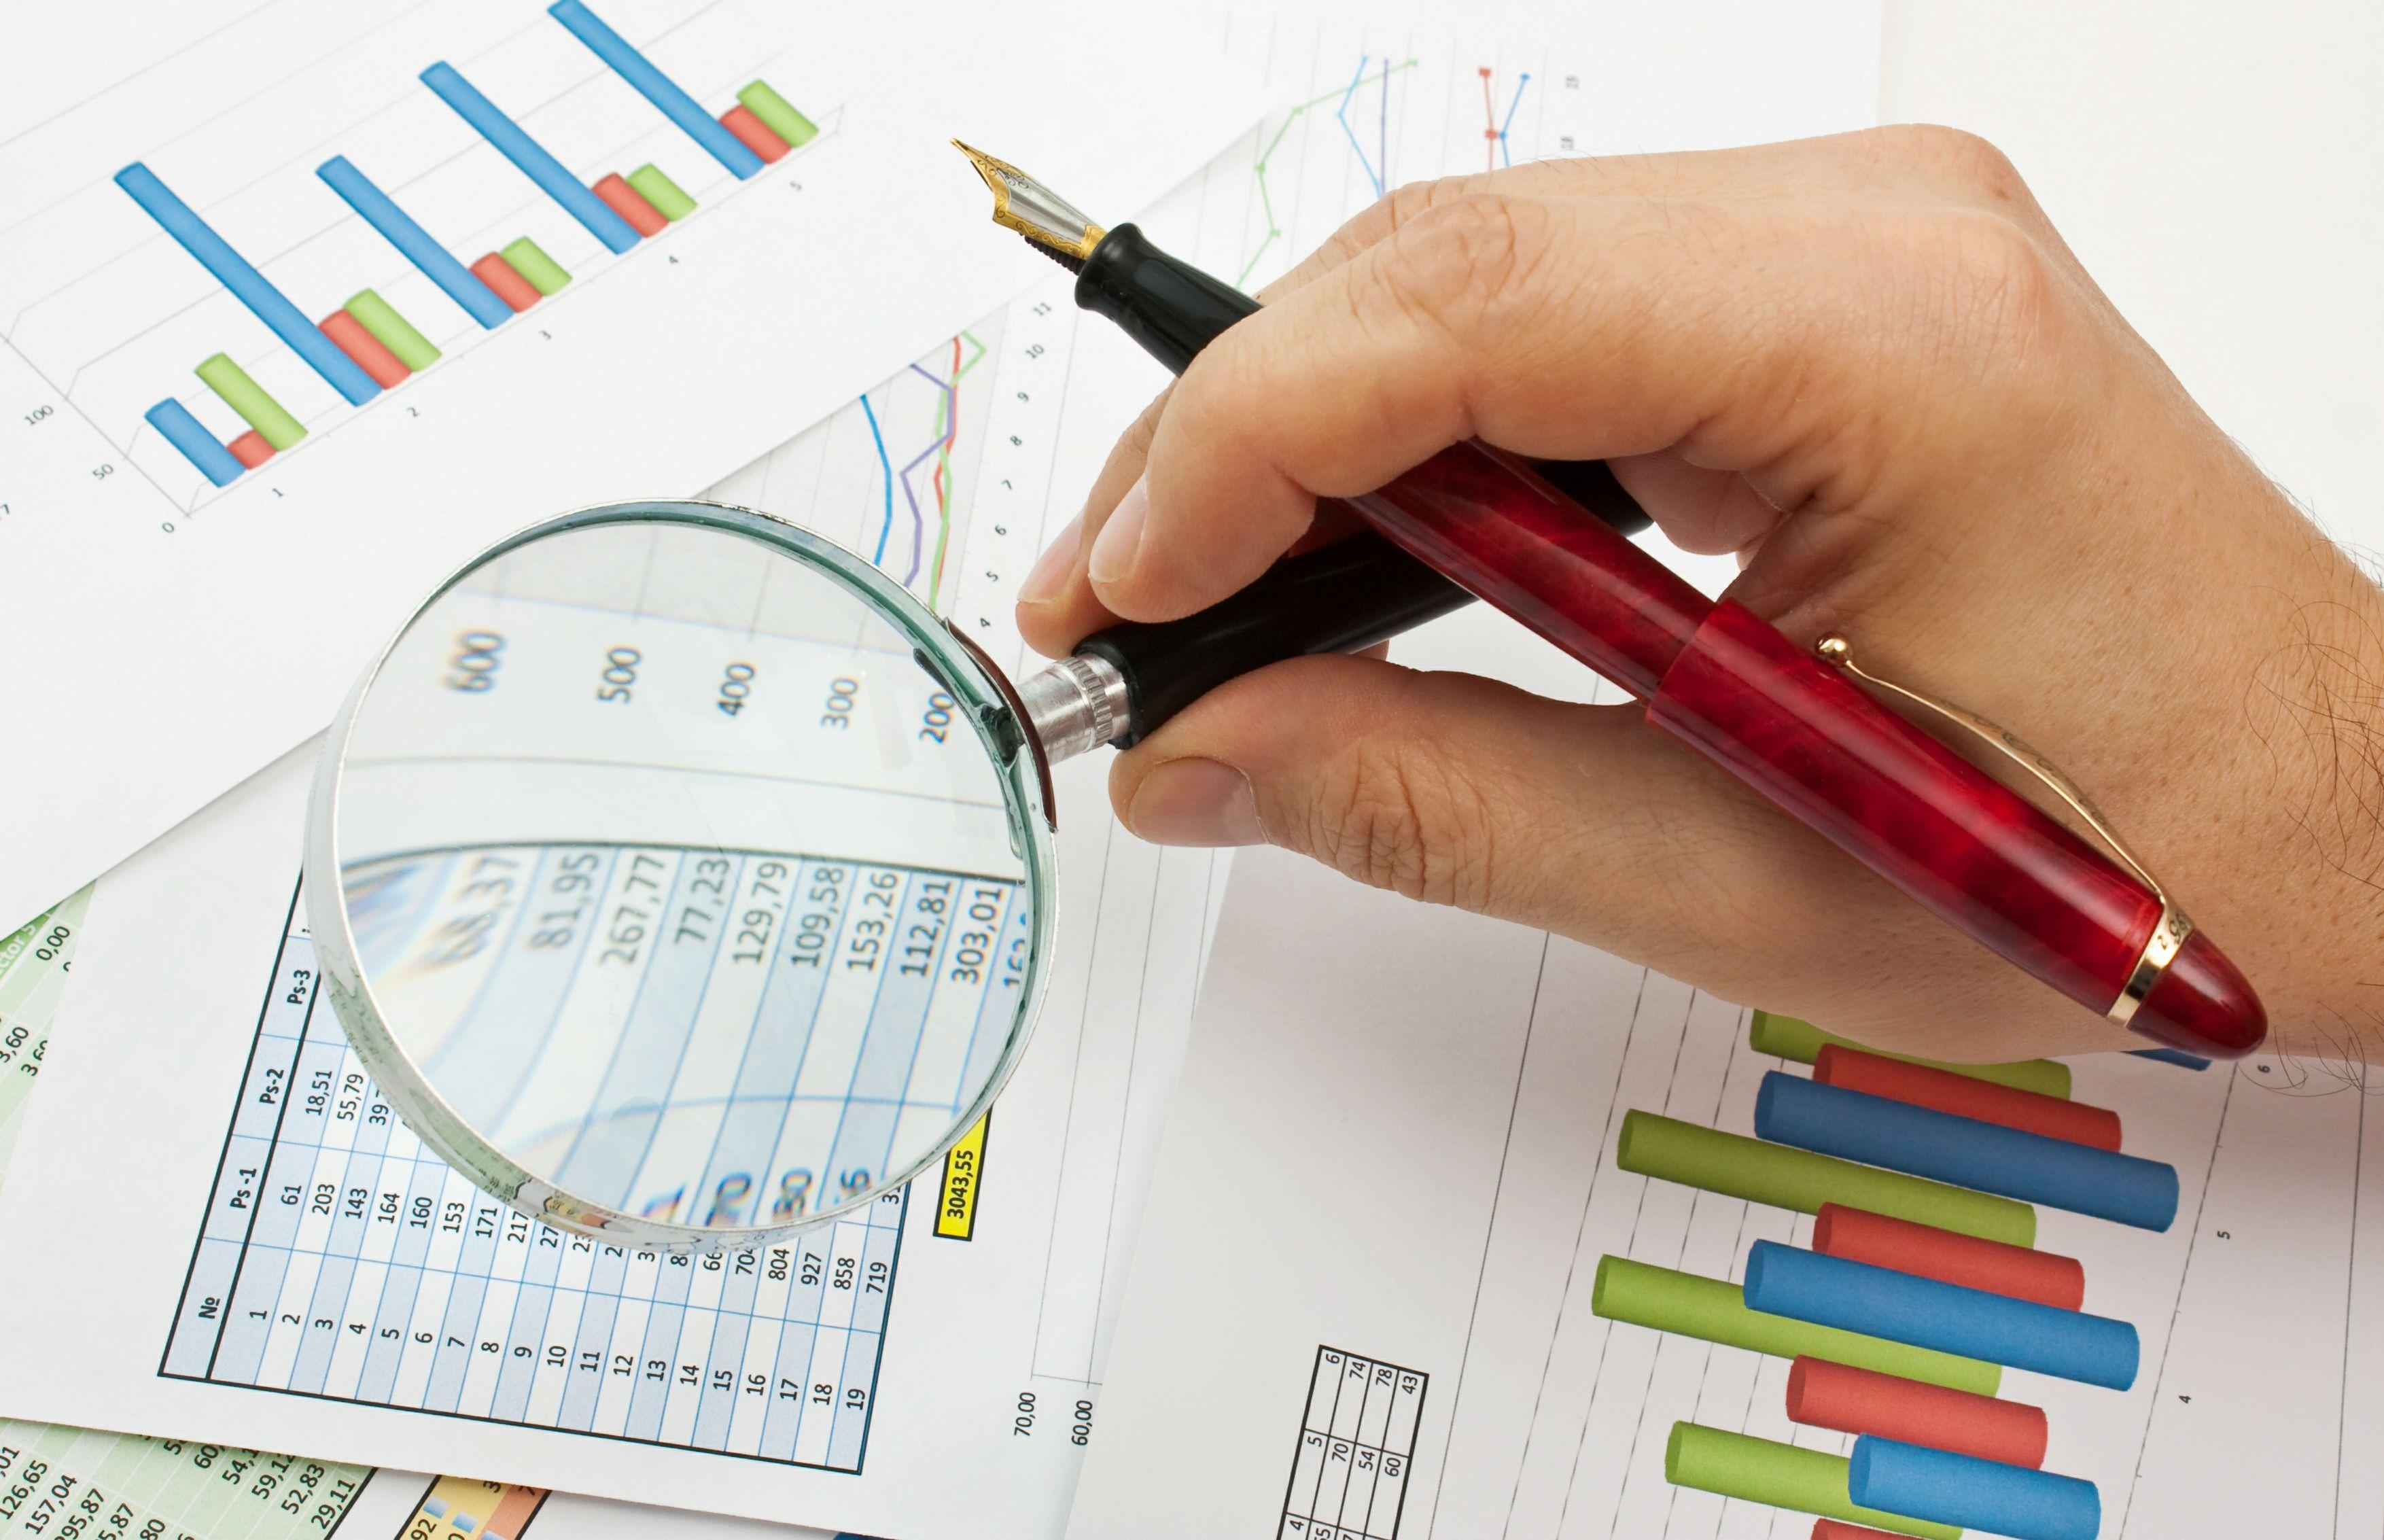 奔驰母公司财报:全球利润锐减三成,中国市场与金融服务支撑利润